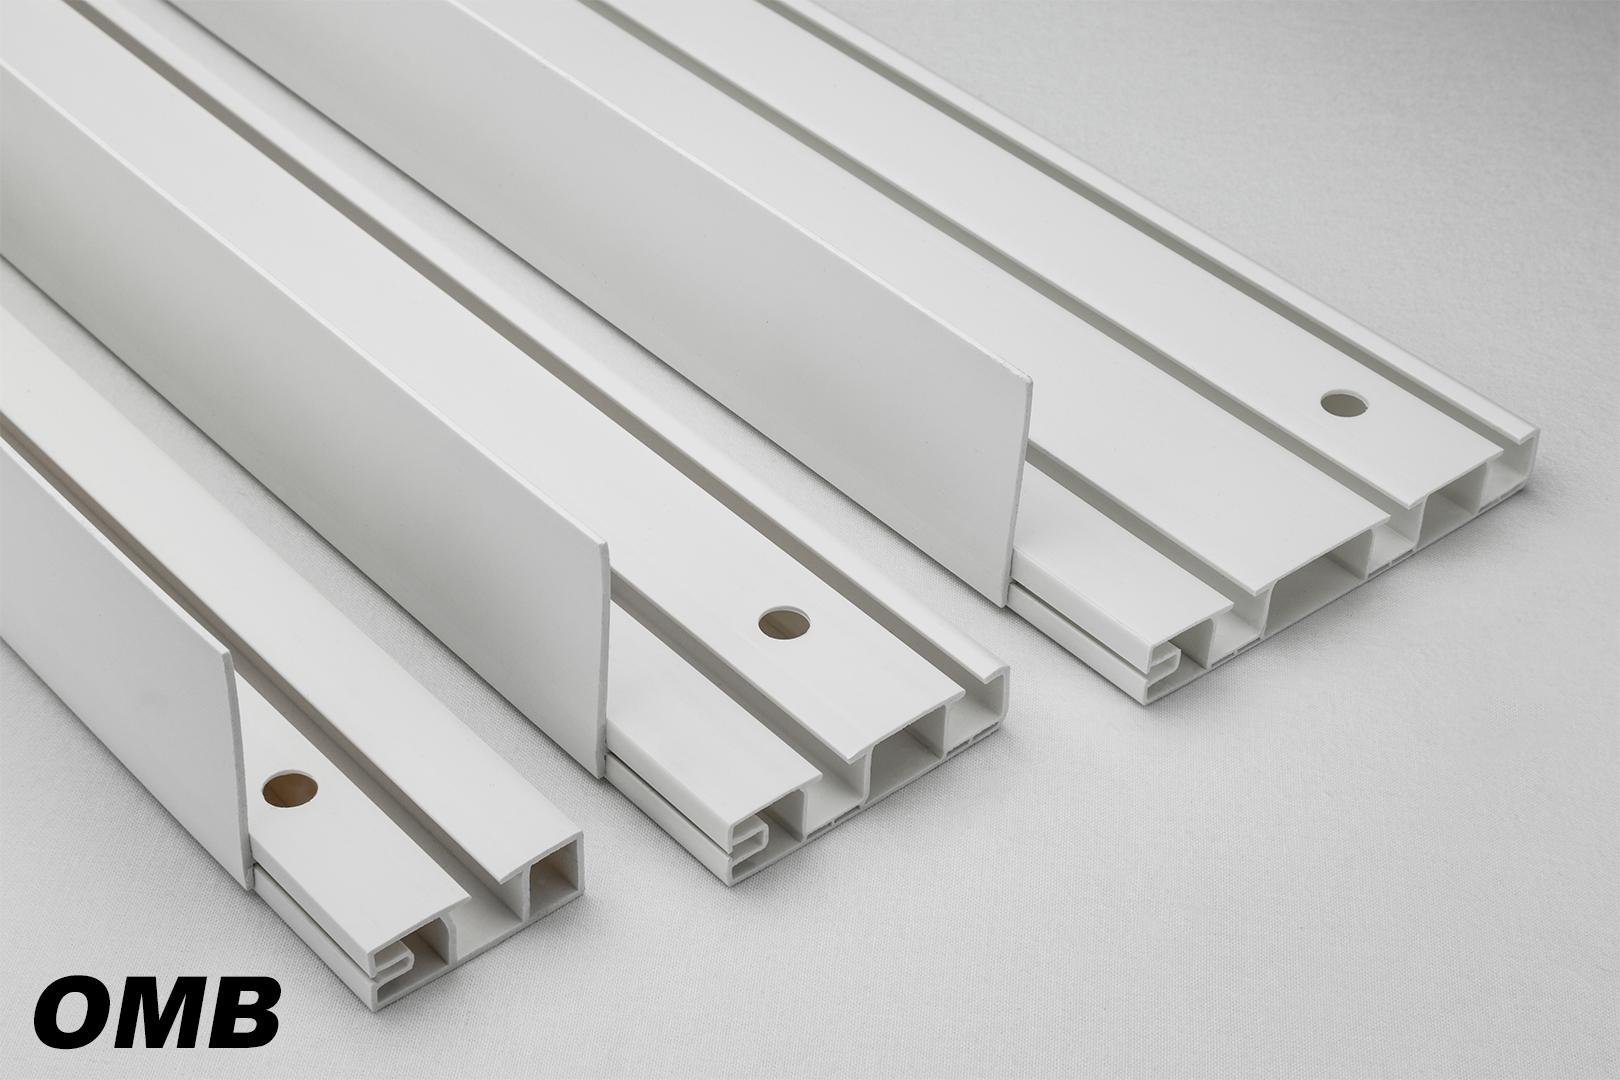 Amazing Tenda A Pannello In PVC Per OM Binario Per Tenda Ferroviario Coperture Per  Muri, OMB